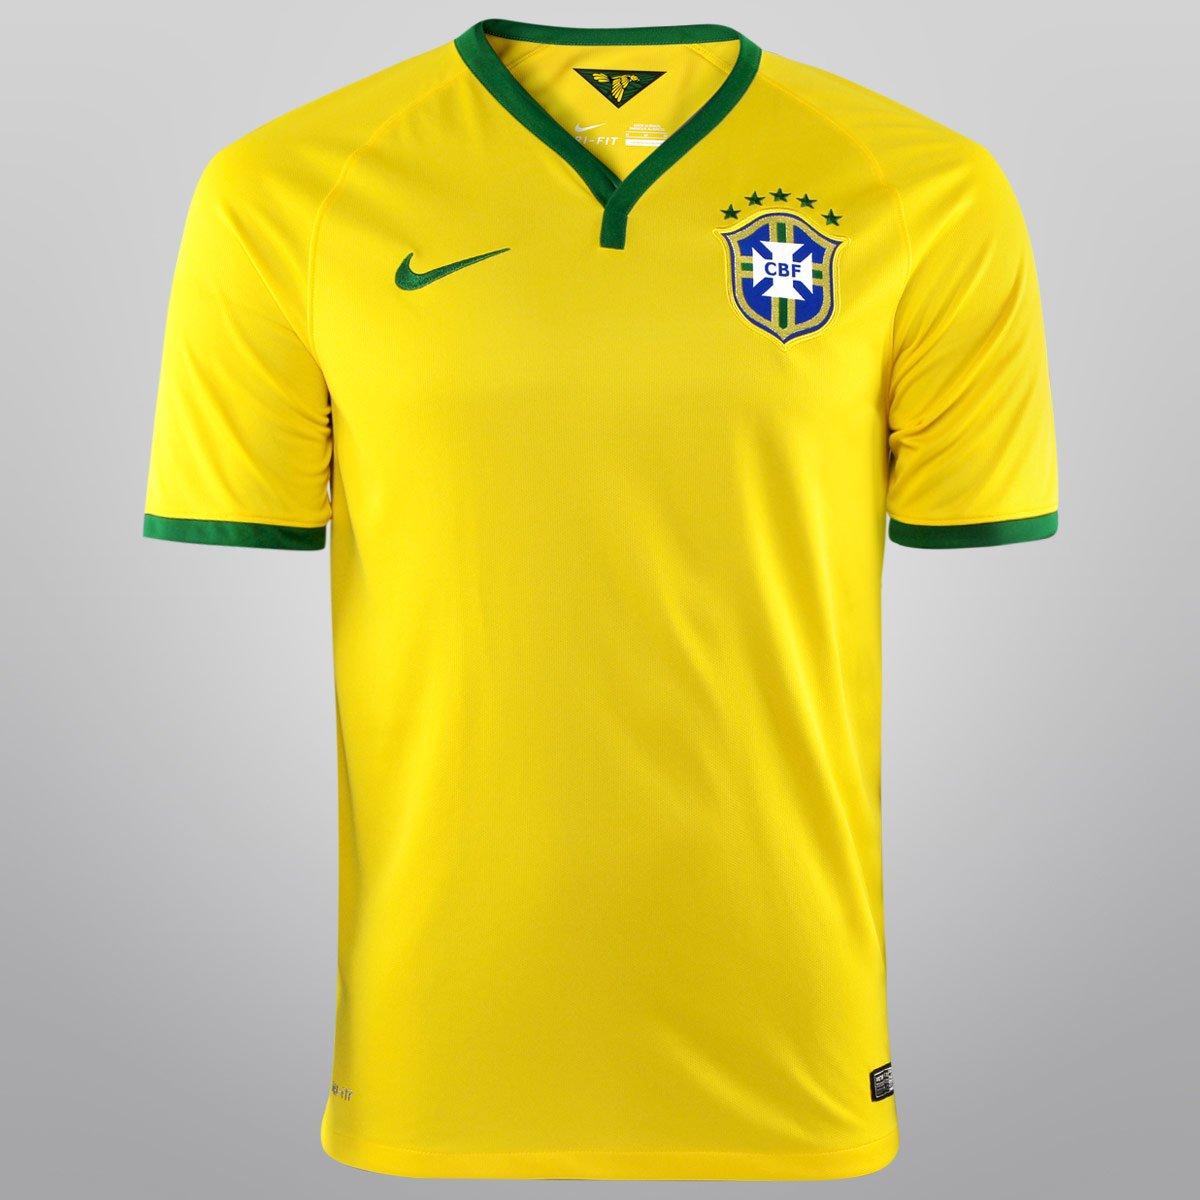 f8f7dfbe2e Camisa Nike Seleção Brasil I 14 15 s nº - Torcedor - Compre Agora ...